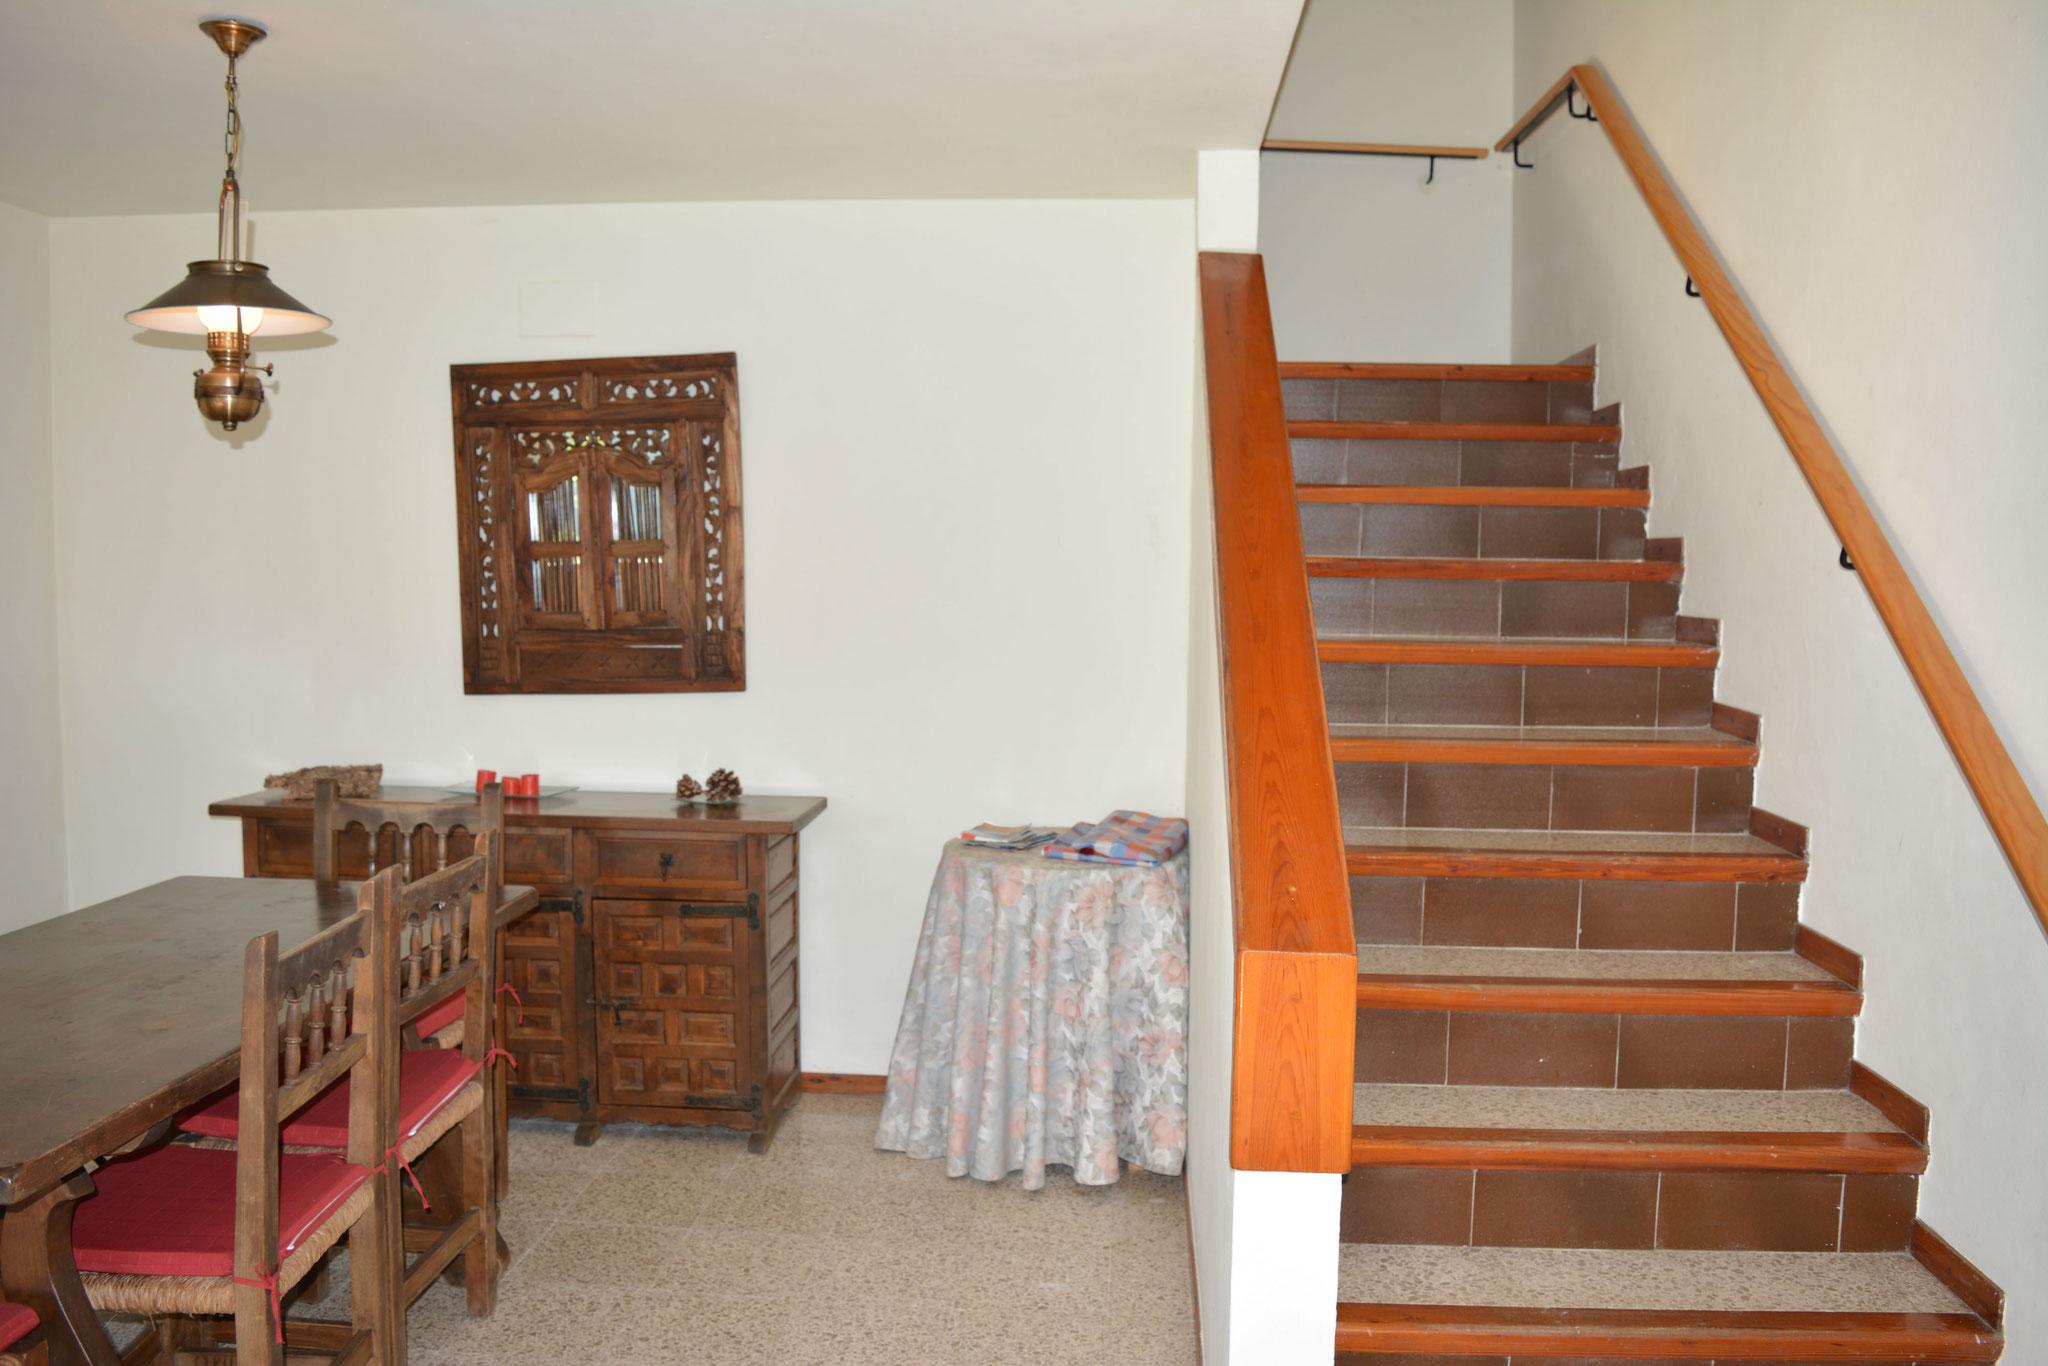 Escalier descendant du niveau d'entrée